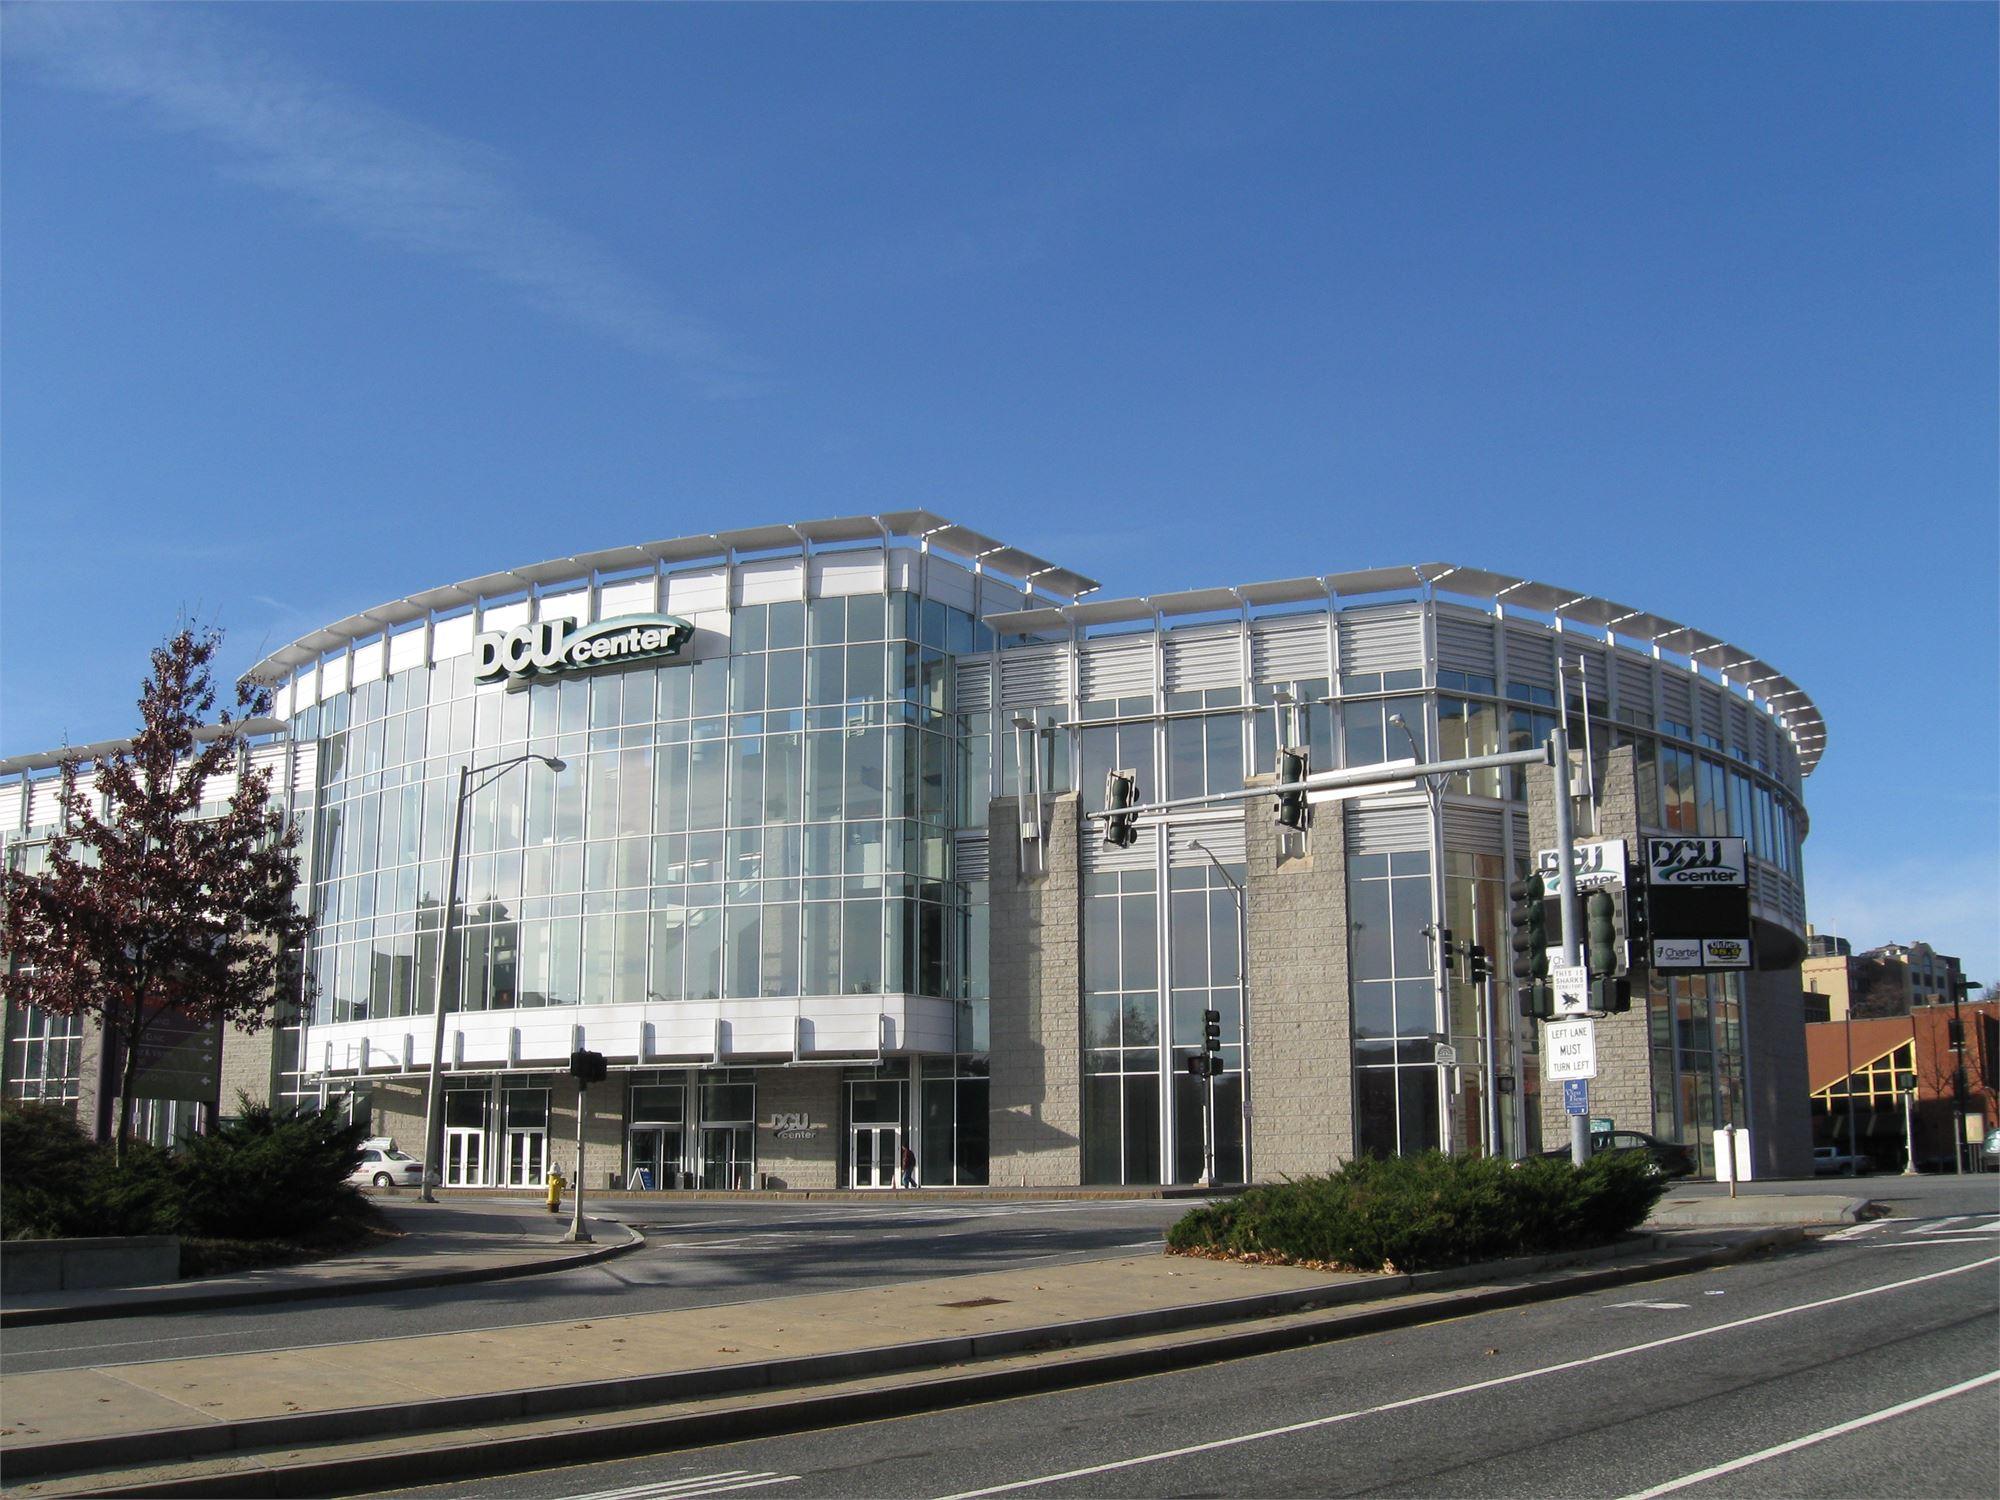 Dcu Center Convention Center